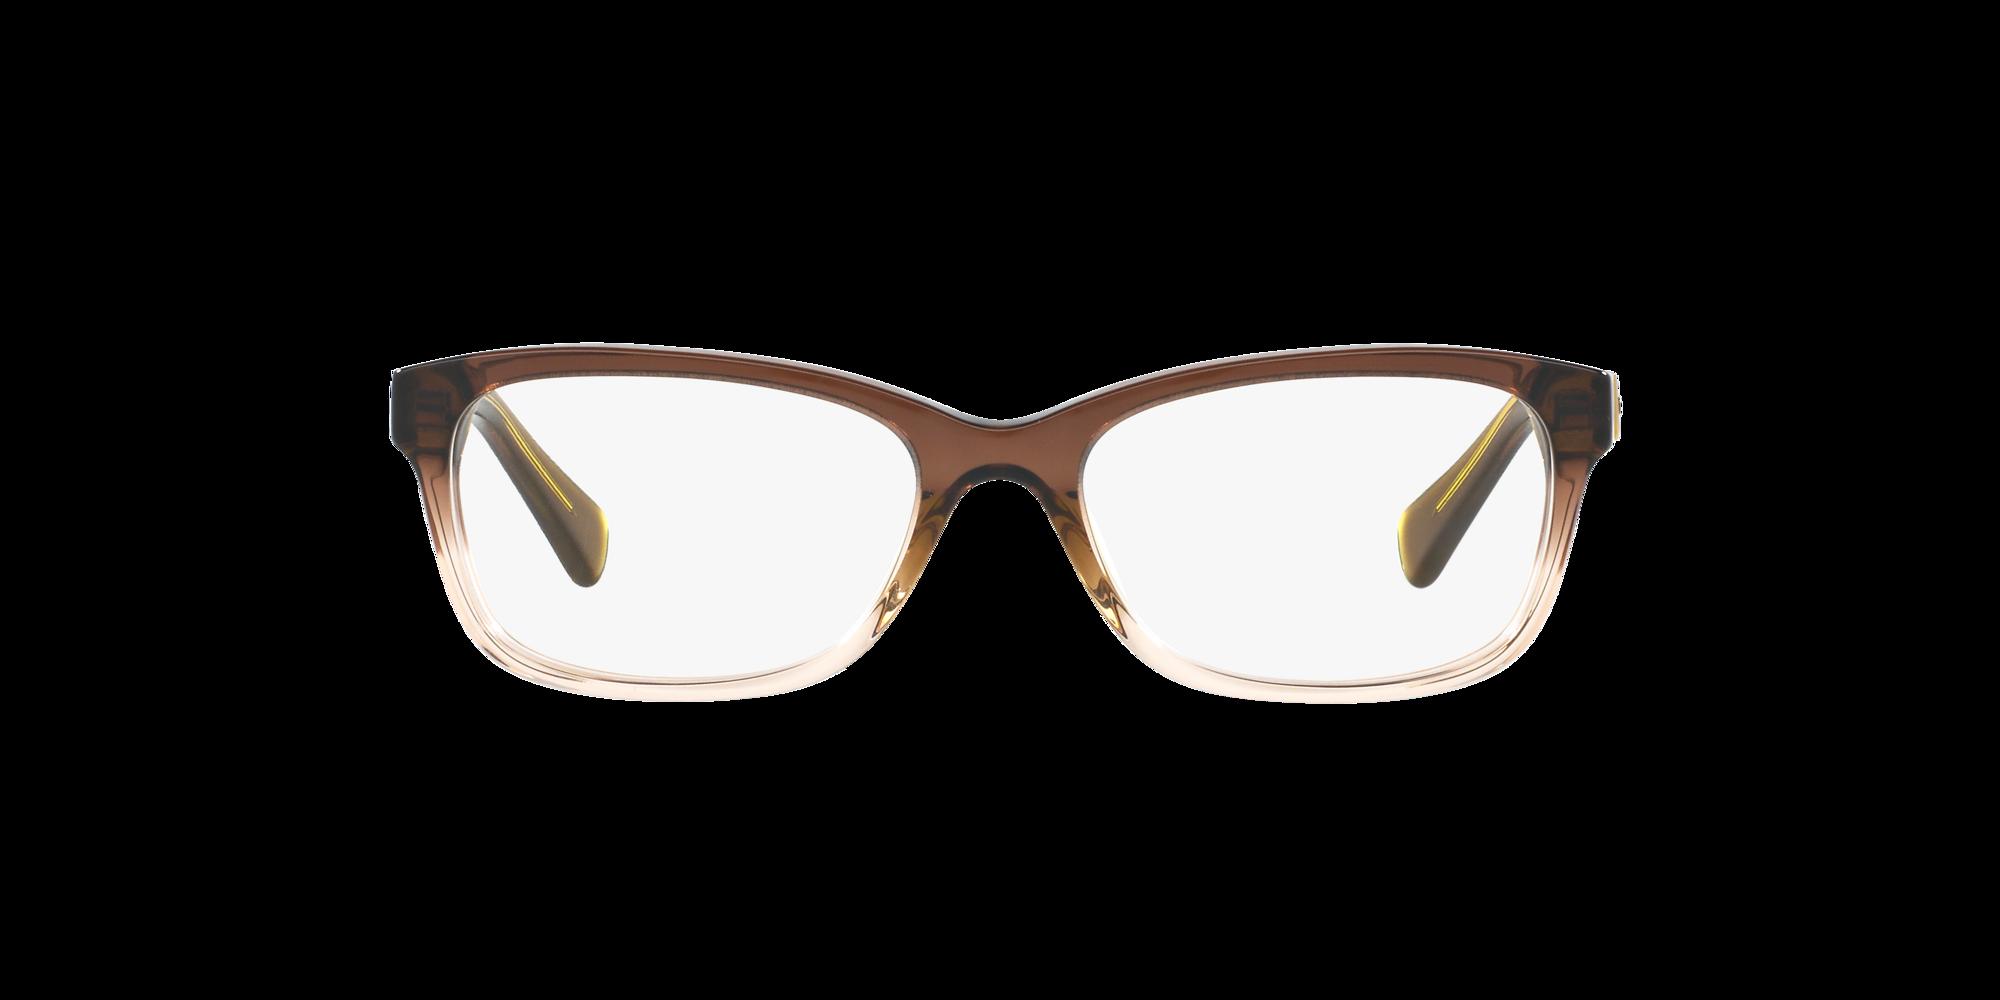 Imagen para HC6089 de LensCrafters |  Espejuelos, espejuelos graduados en línea, gafas